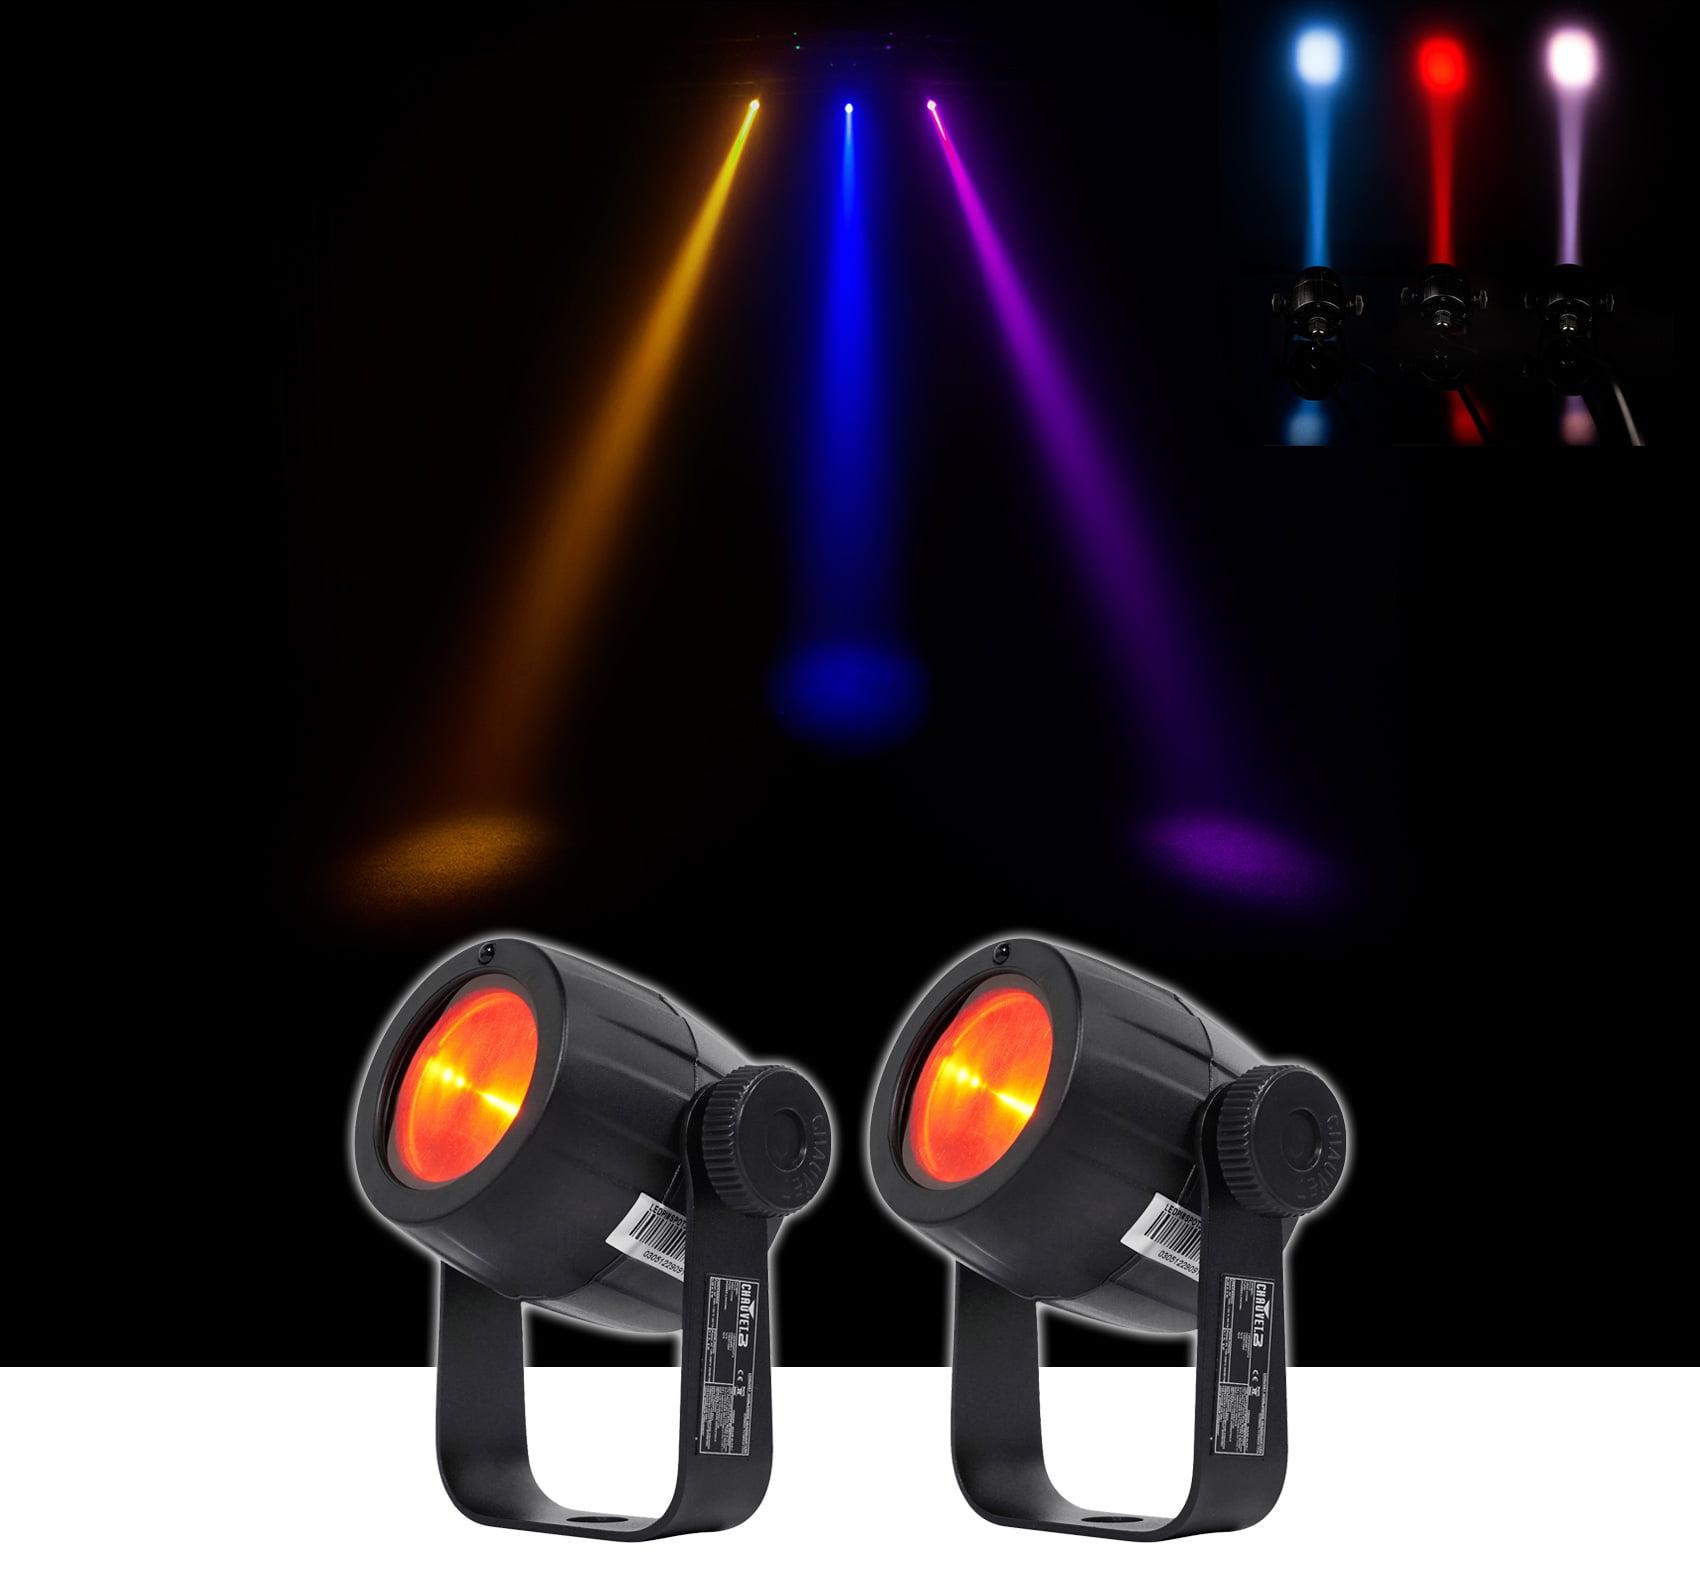 (2) Chauvet DJ LED Pinspot 3 Club Mirror Ball Spot Lighst w Dimmer + Gel Pack by CHAUVET